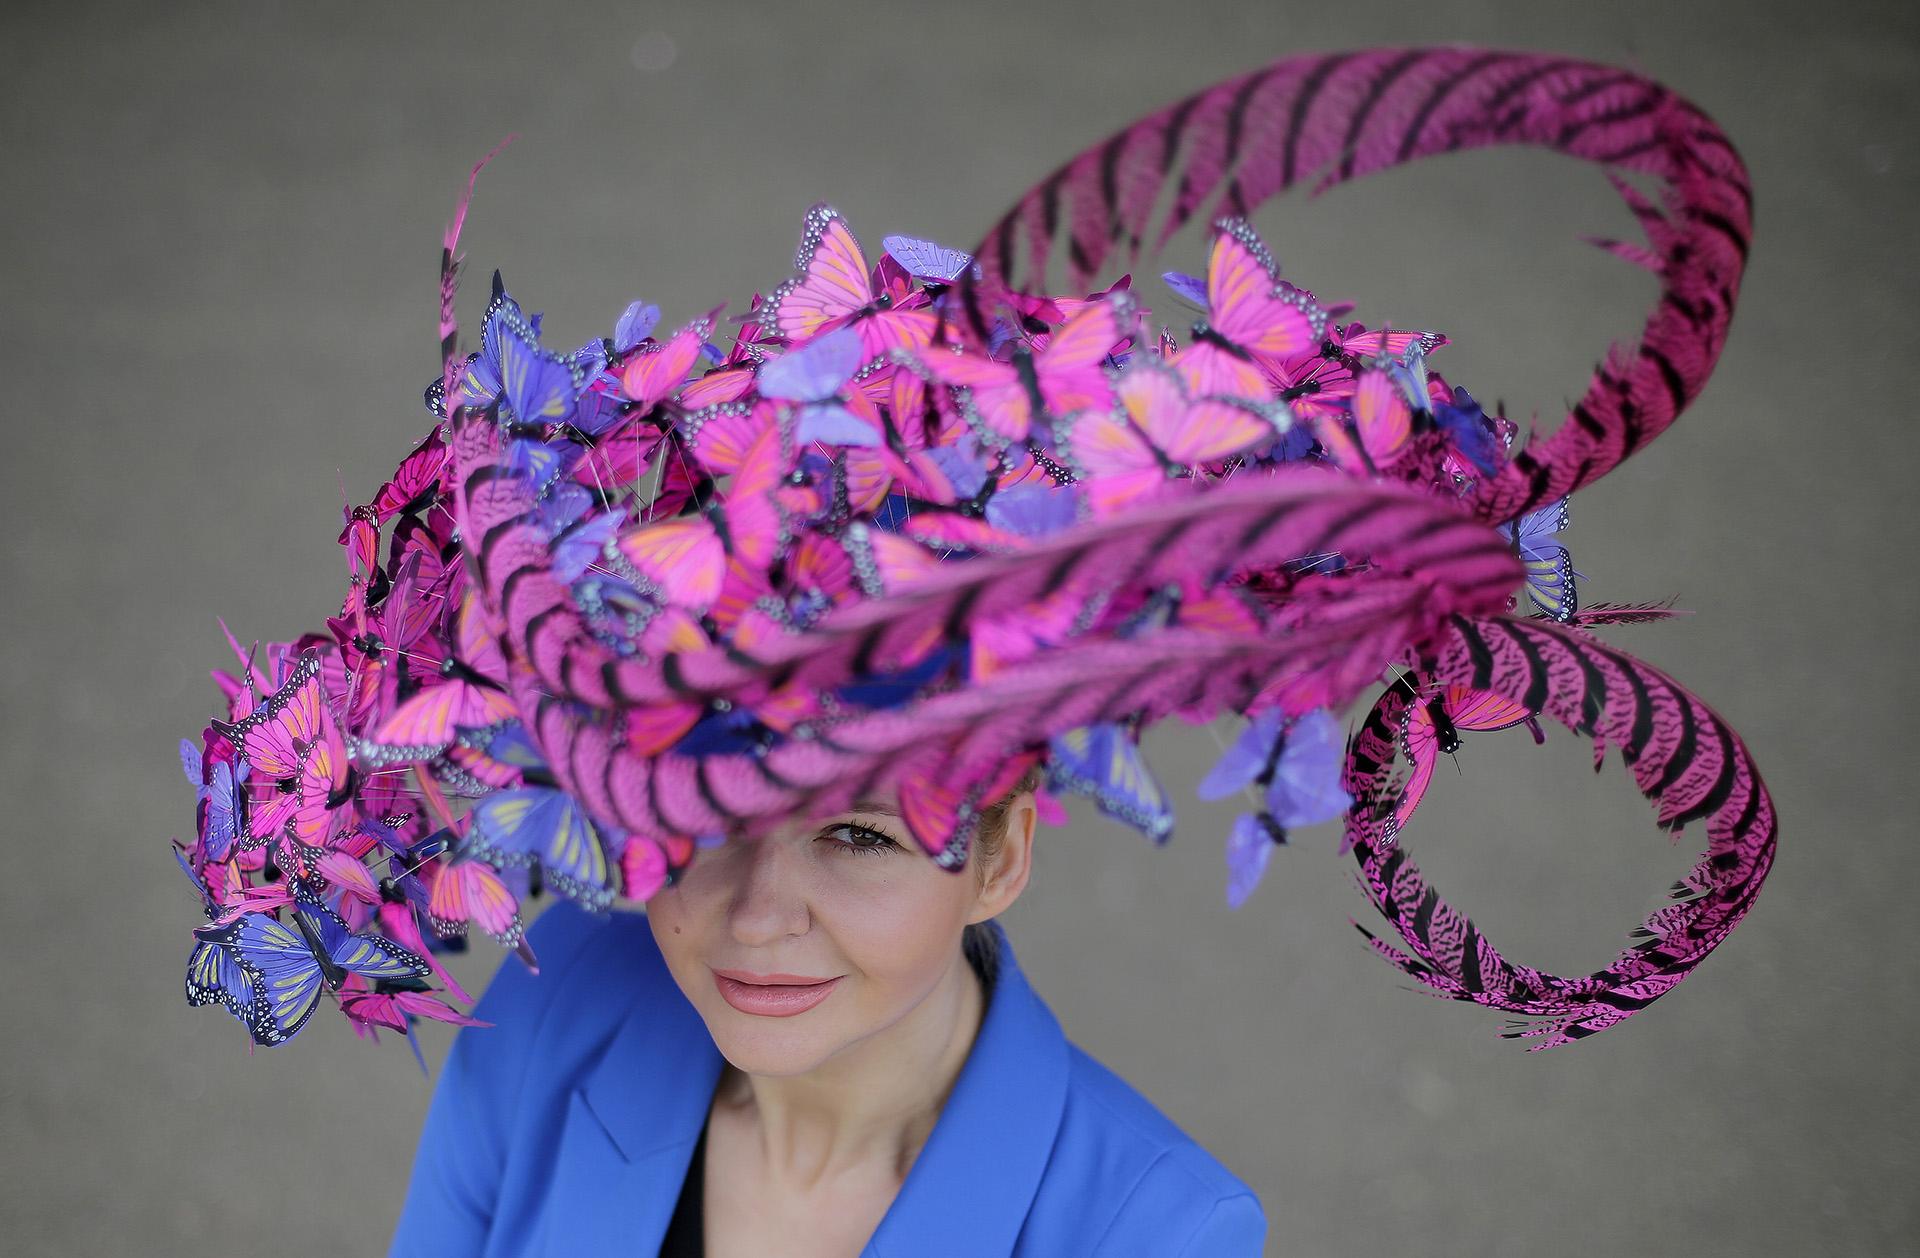 Royal Ascot 2018, la pasarela de sombreros más extravagante - Infobae